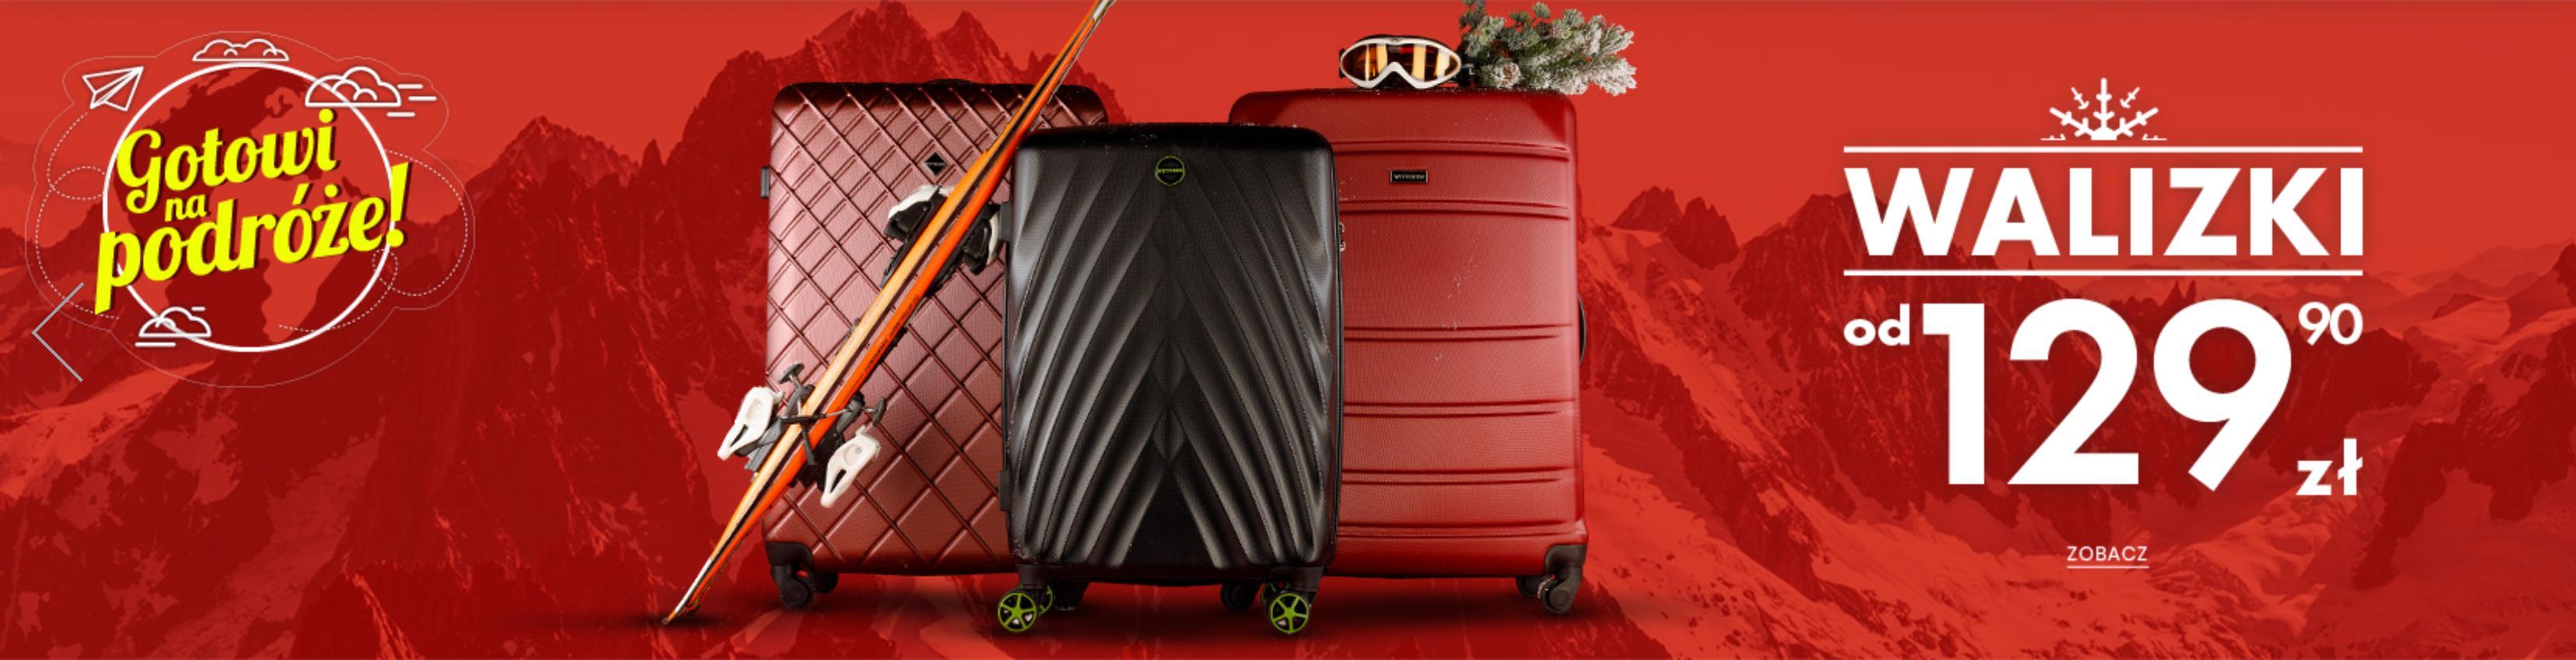 Wittchen: walizki podróżne od 129,90 zł